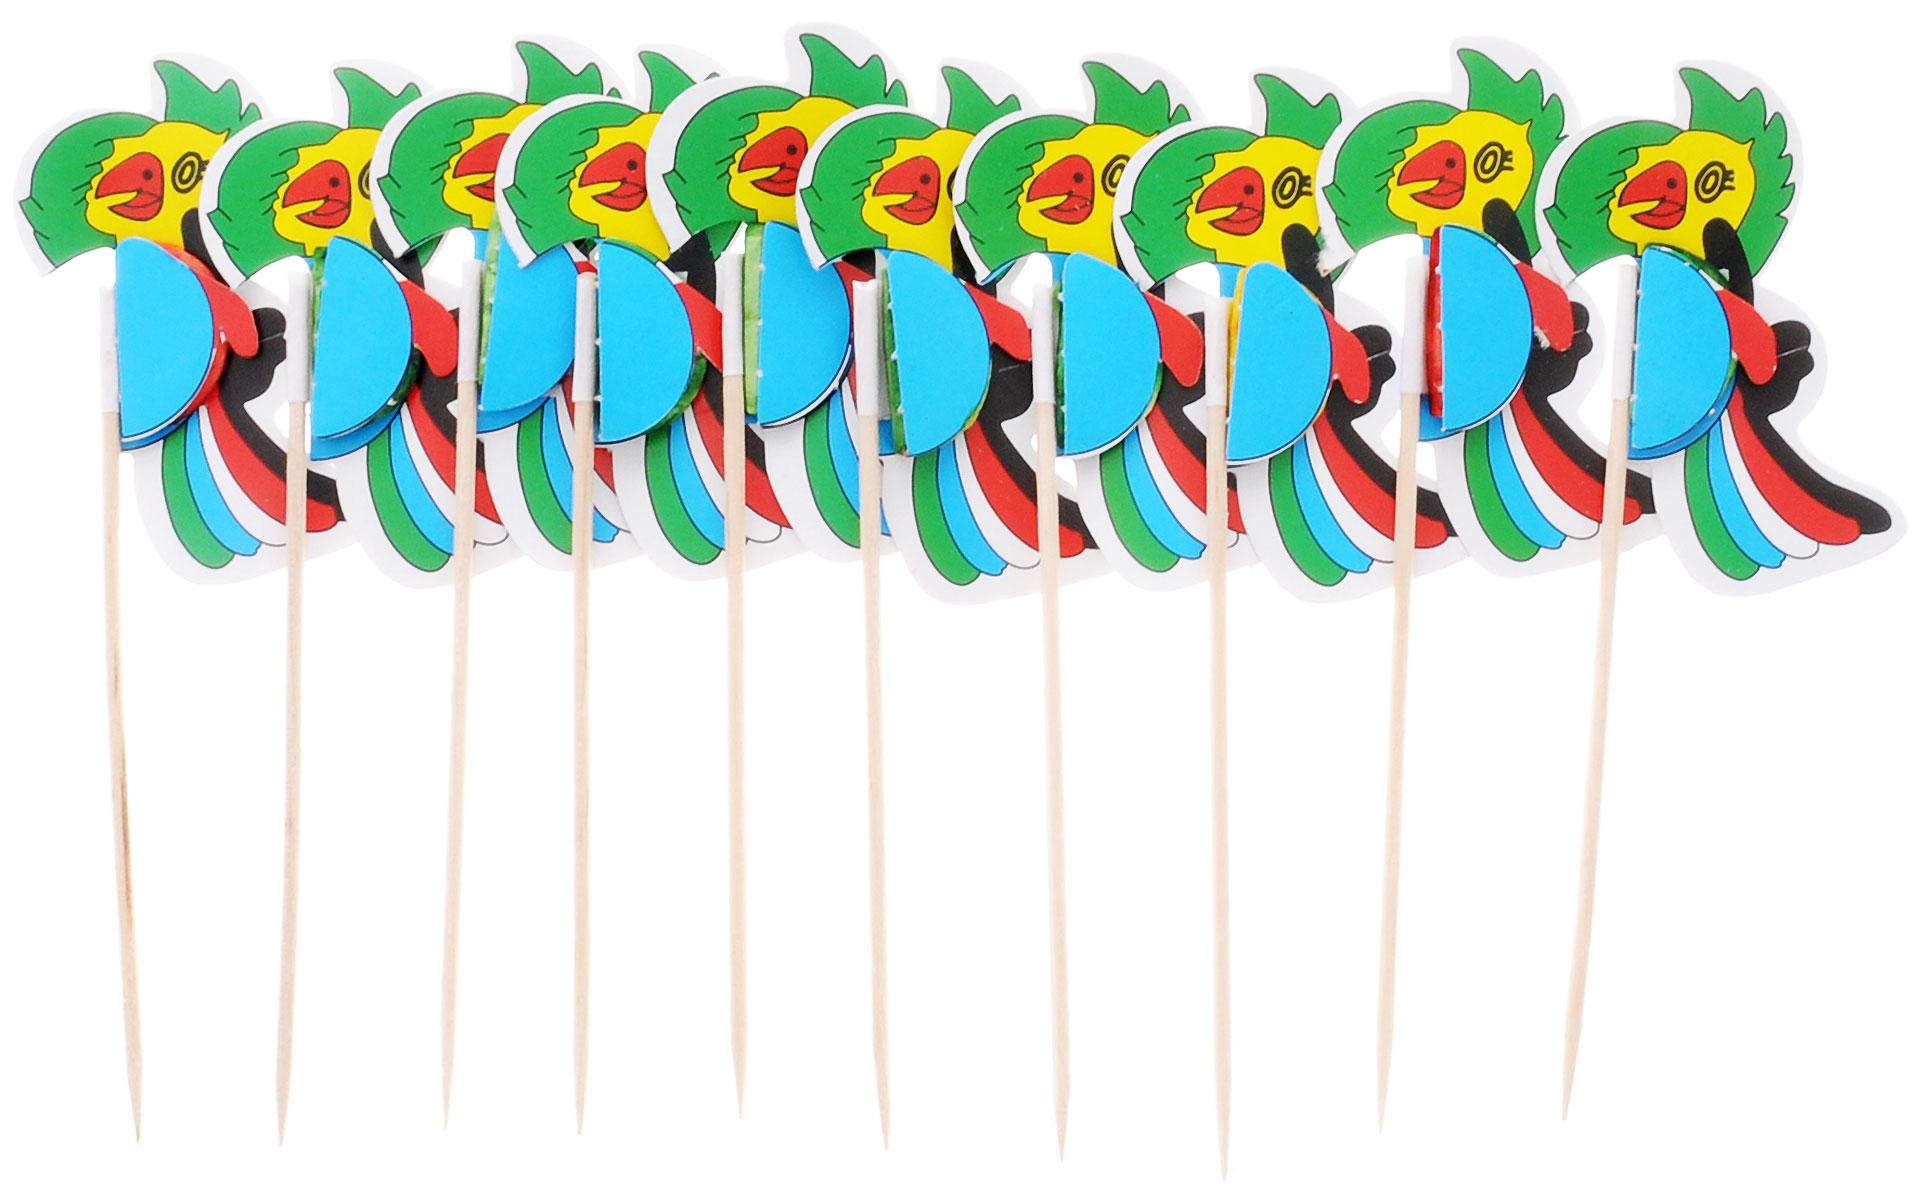 Action! Шпажки Птицы для праздничной сервировки 10 штAPI0115Канапе созданы для утоления легкого голода на фуршетах. А еще эти крохотные бутерброды могут стать украшением всего торжества. Конечно, если и сами они оформлены должным образом. Например, украшены этими замечательными шпажками! Данный набор состоит из десяти деревянных шпажек с декором в виде ярких попугаев. Такой набор идеально подойдет для оформления детского канапе, или для тарелки с фруктами!